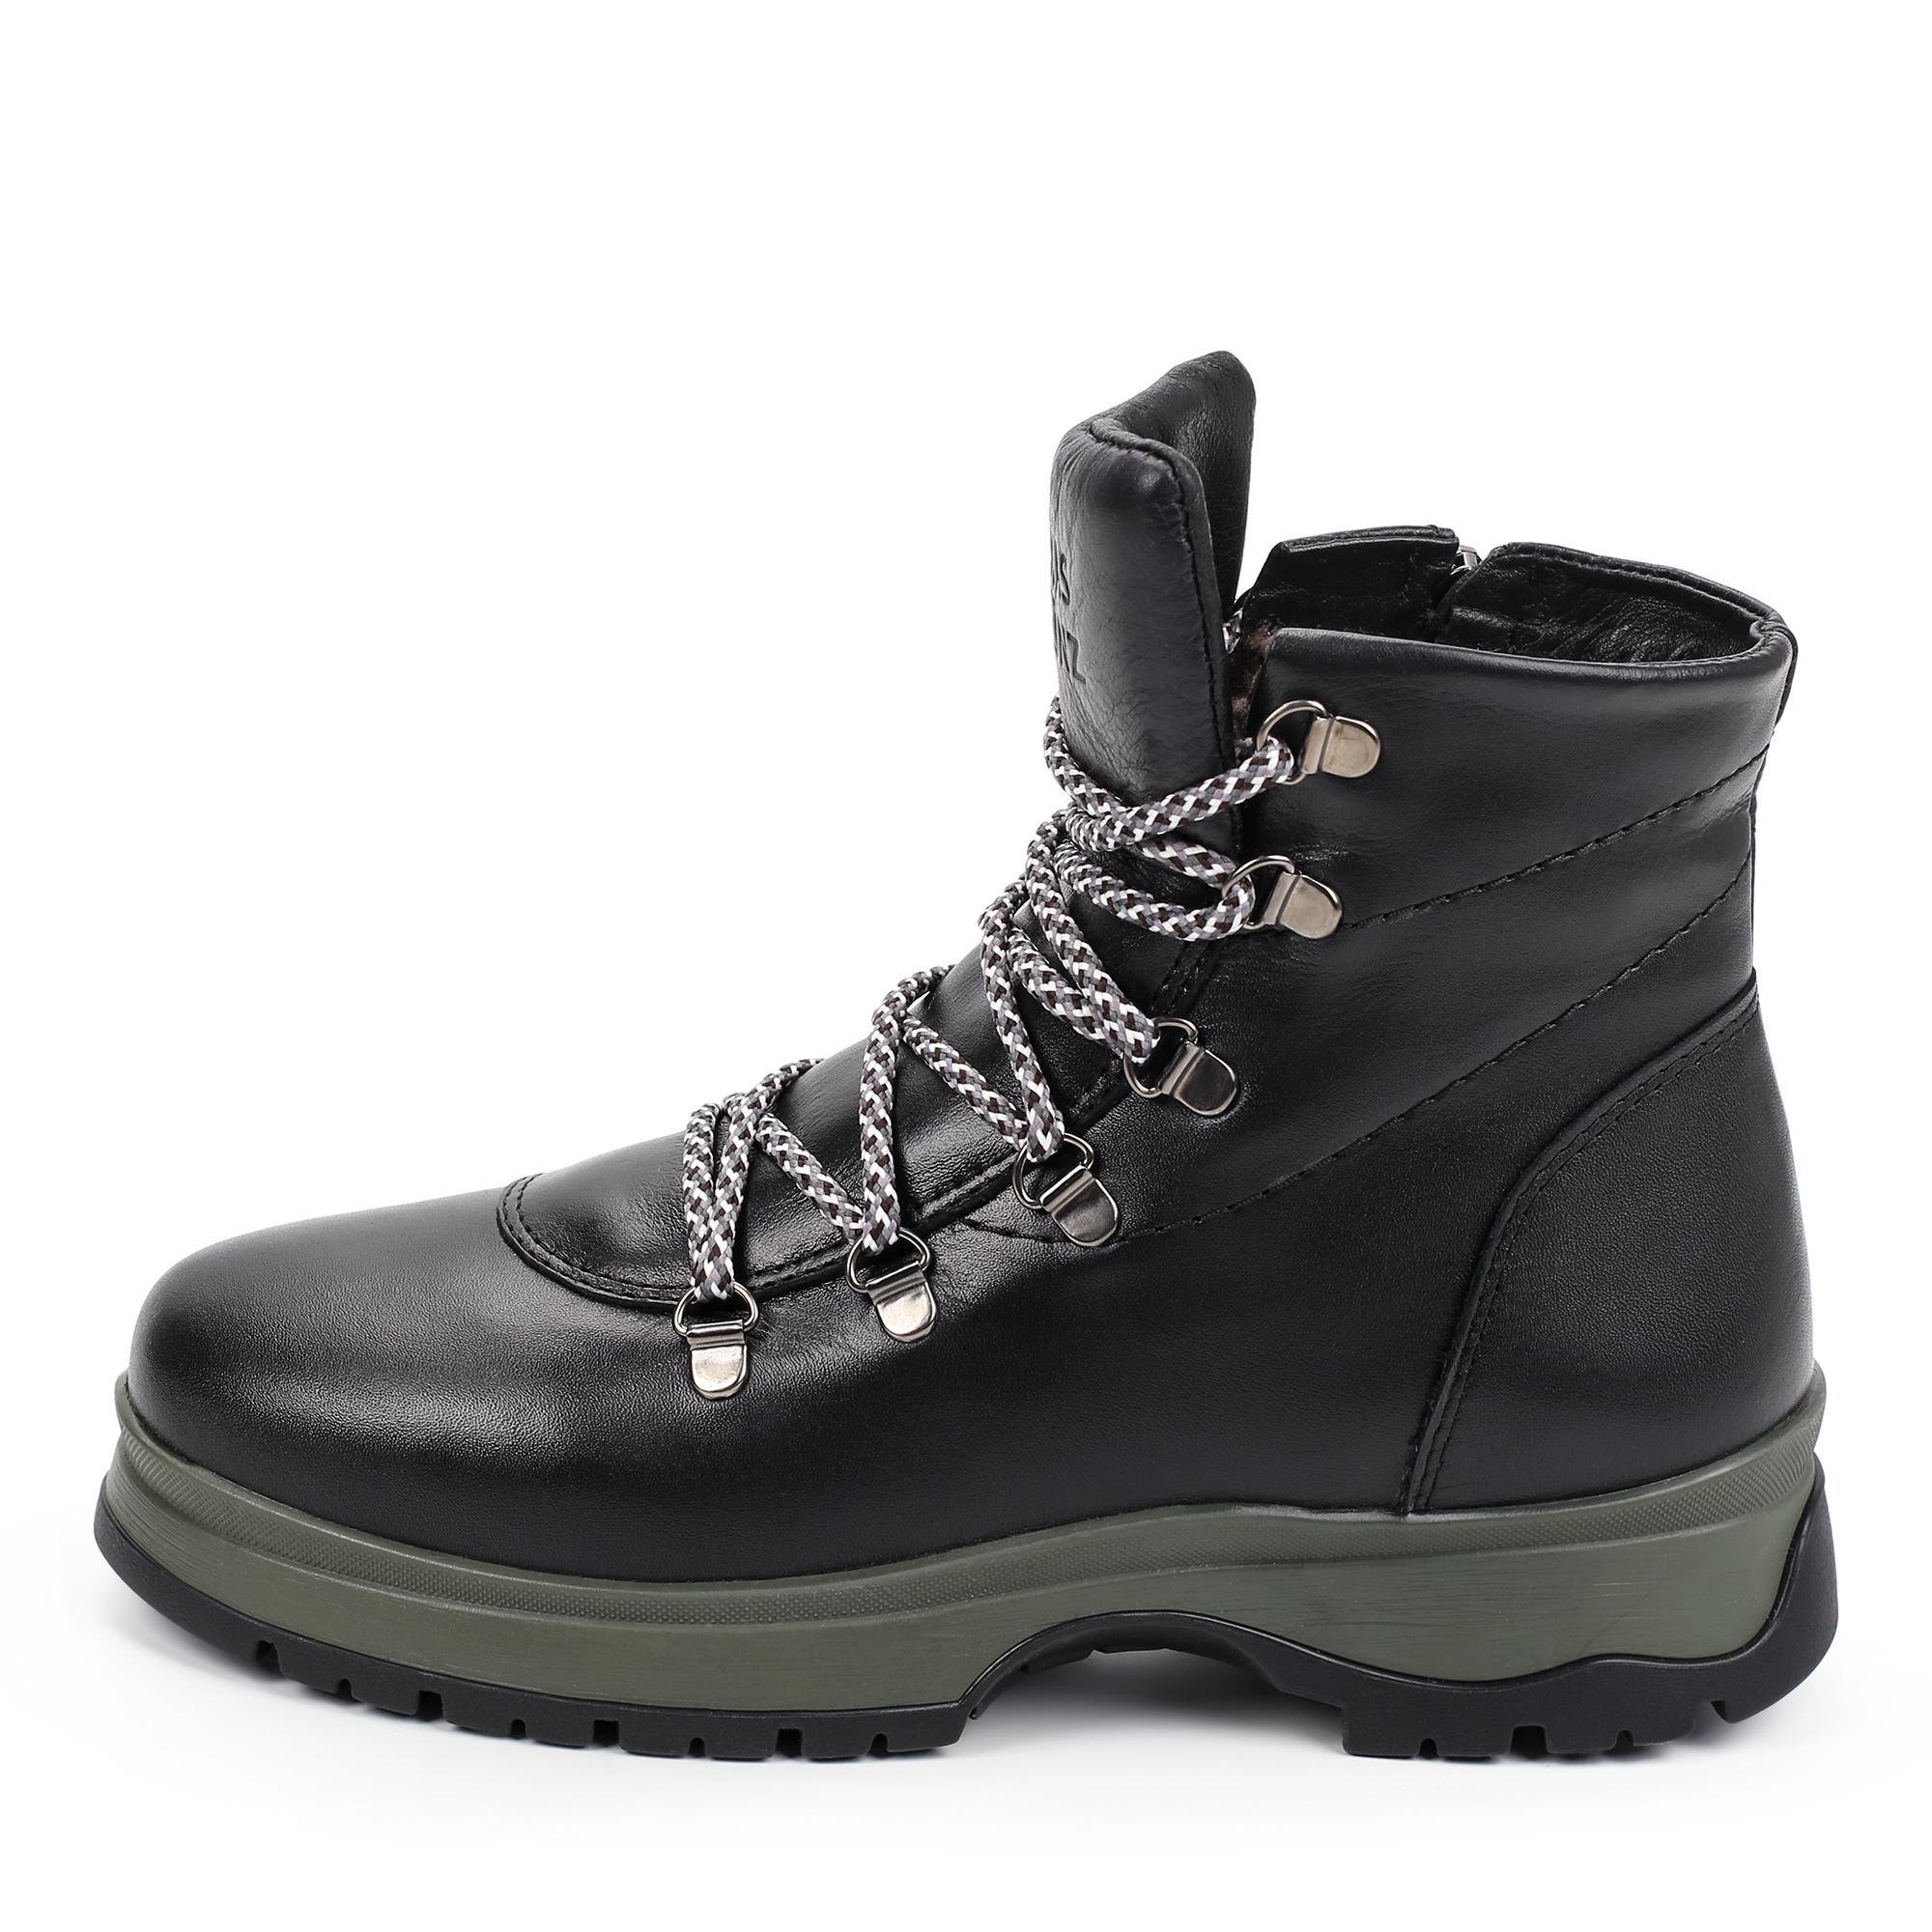 Ботинки Thomas Munz 302-001B-5102